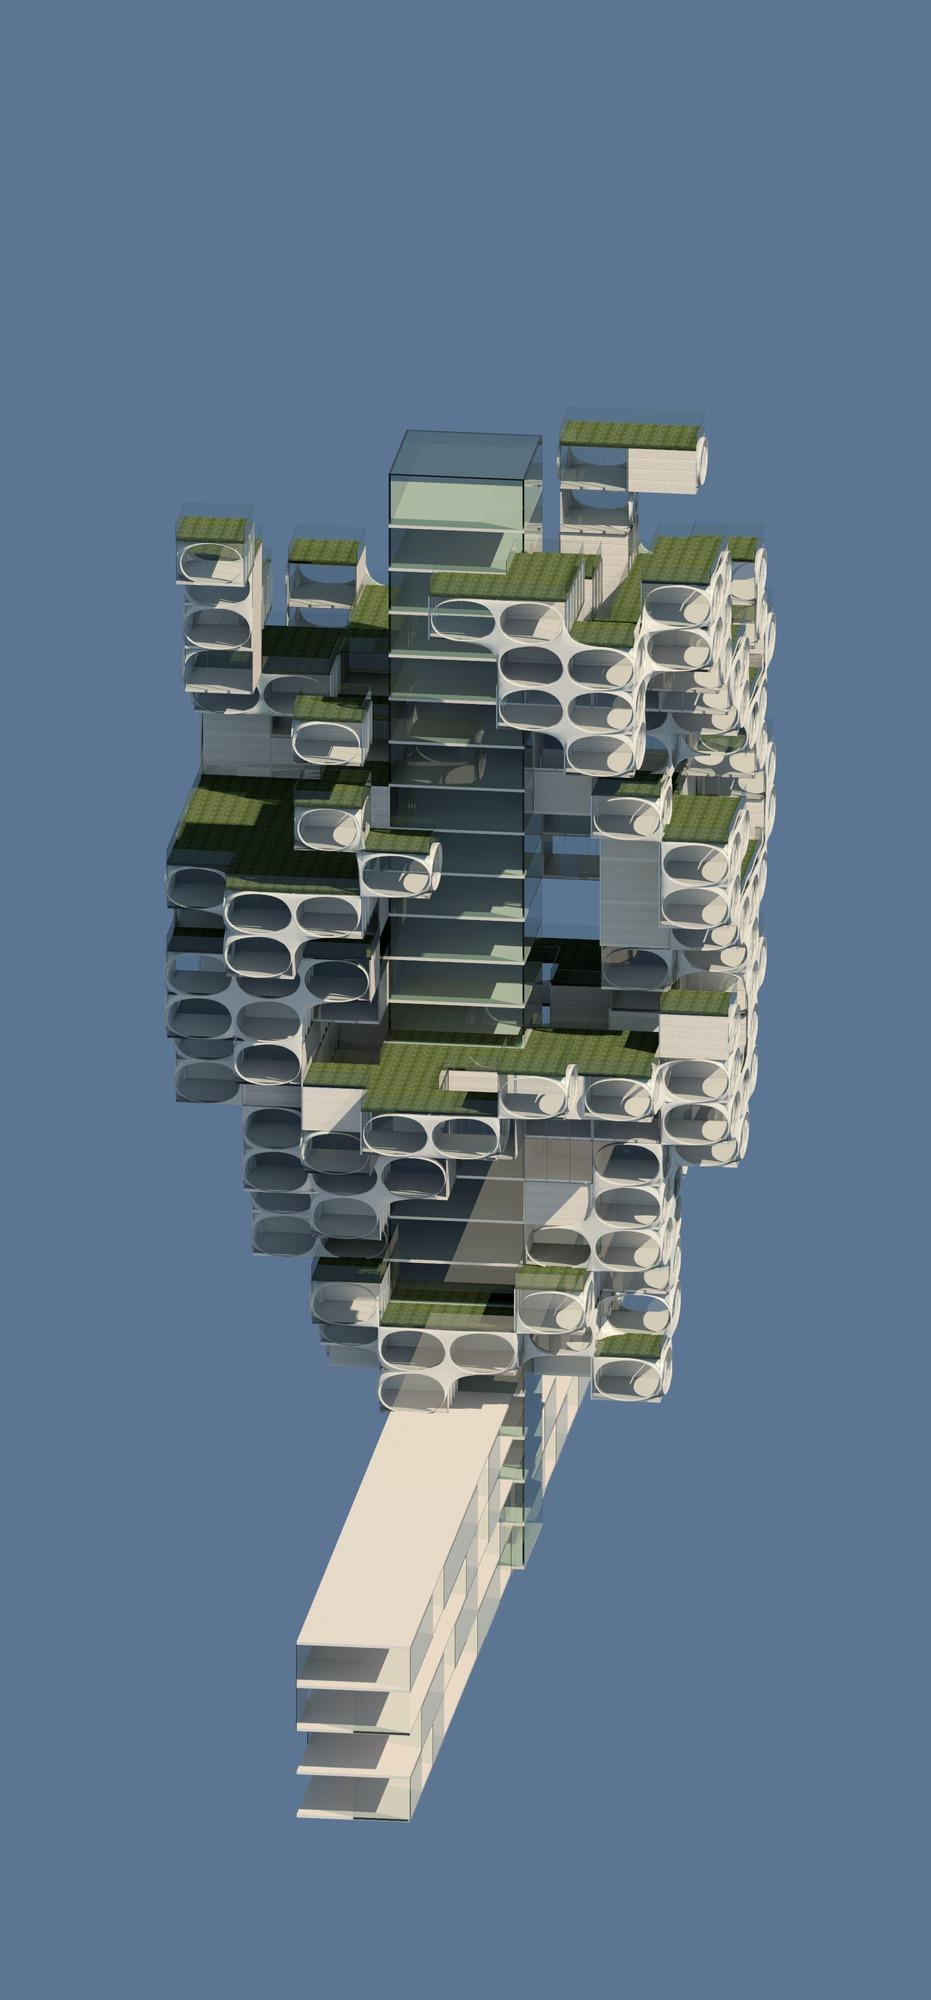 Raas-rendering20150424-22814-lwpju9